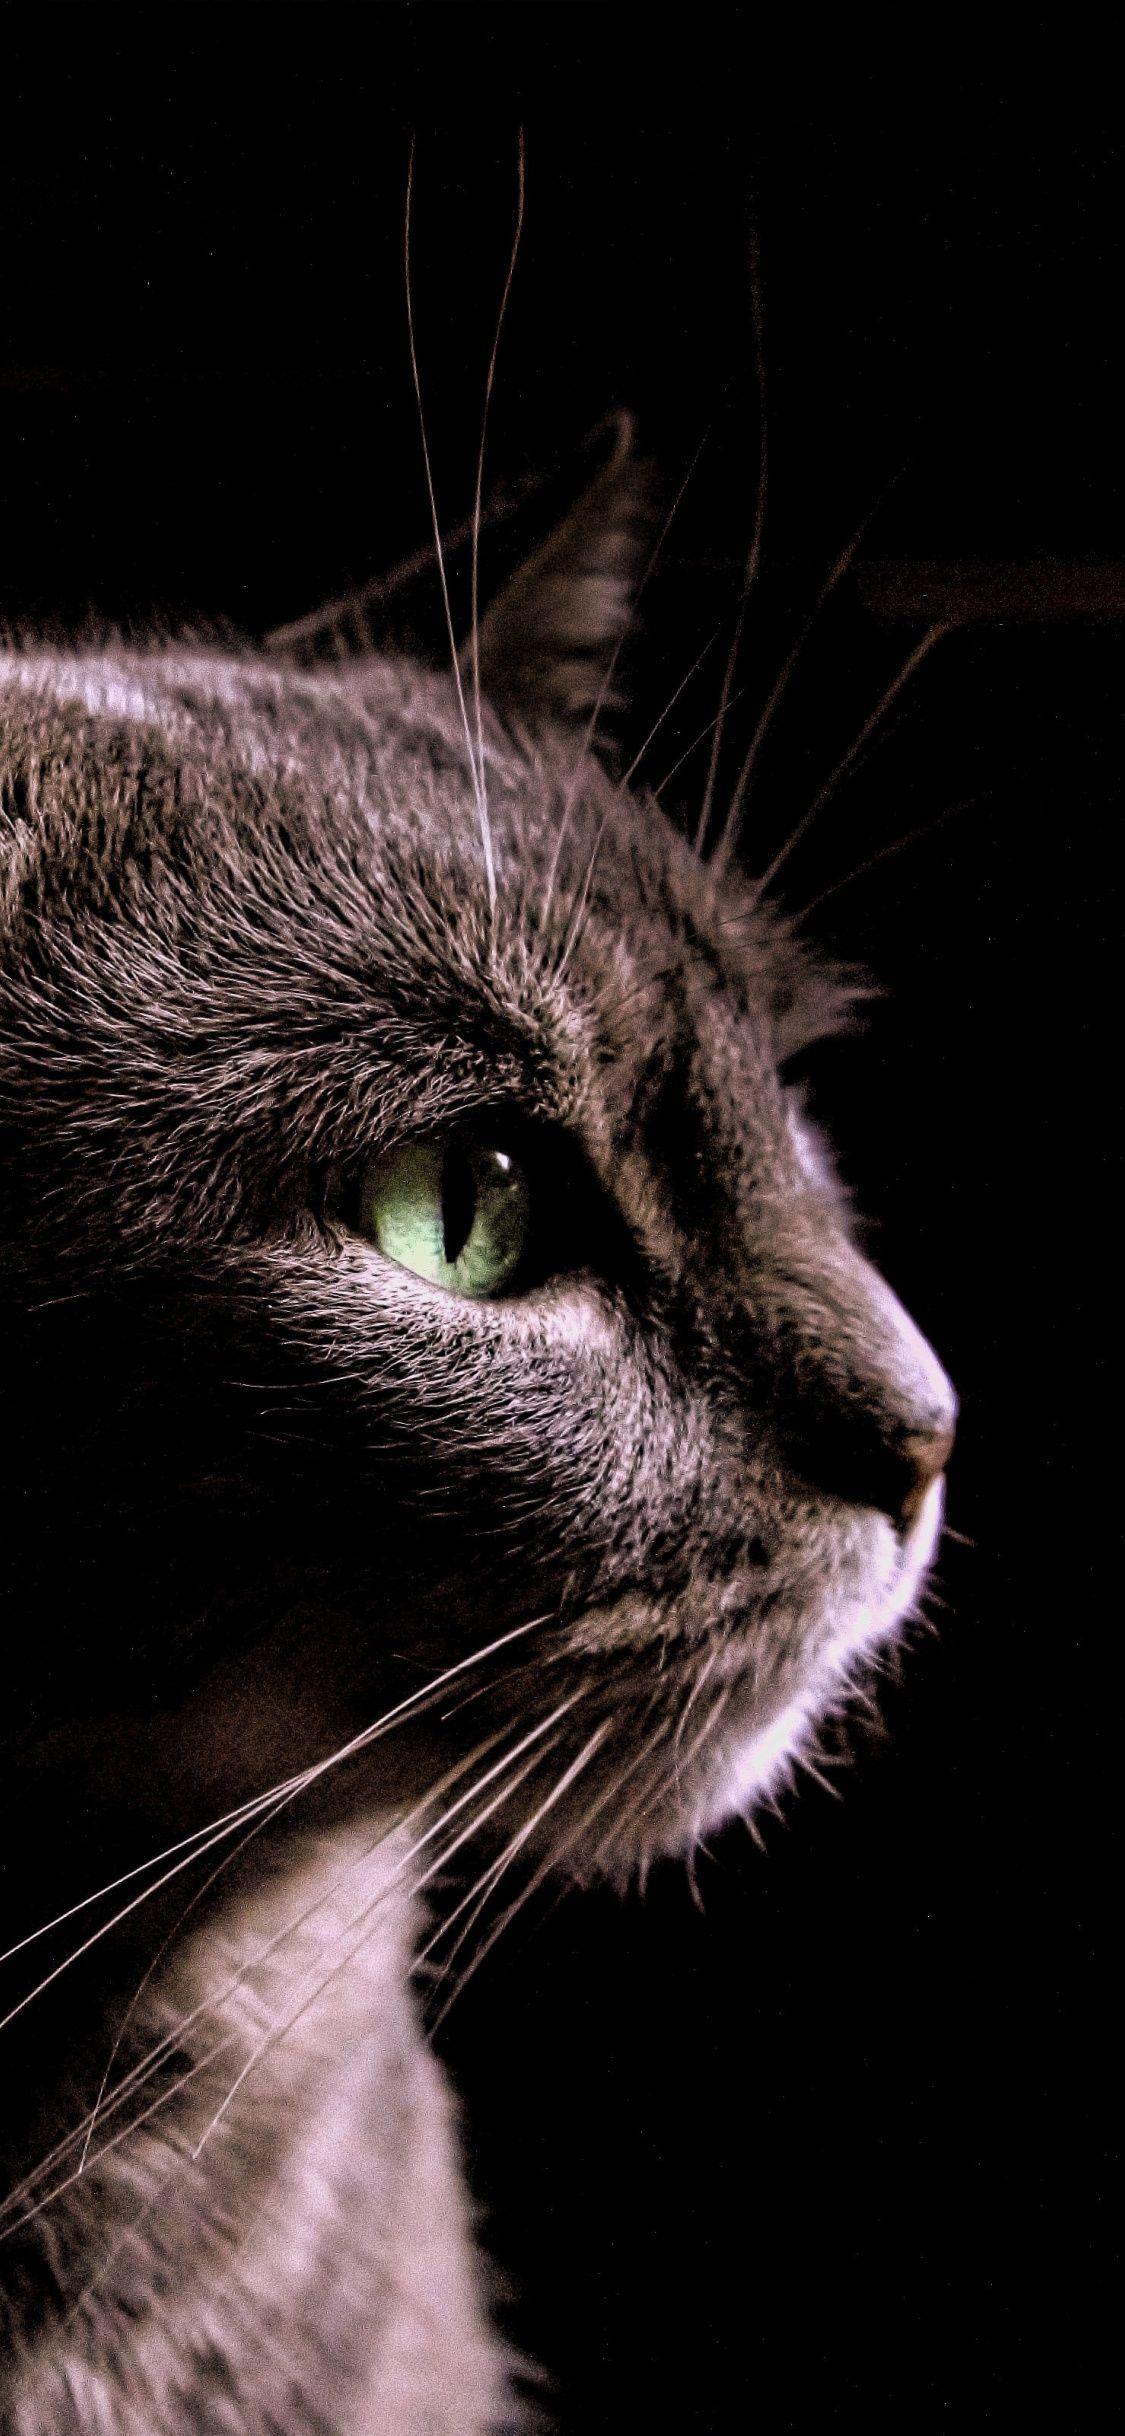 Cat Black Portrait 1125x2436 Wallpaper Cats Animal Wallpaper